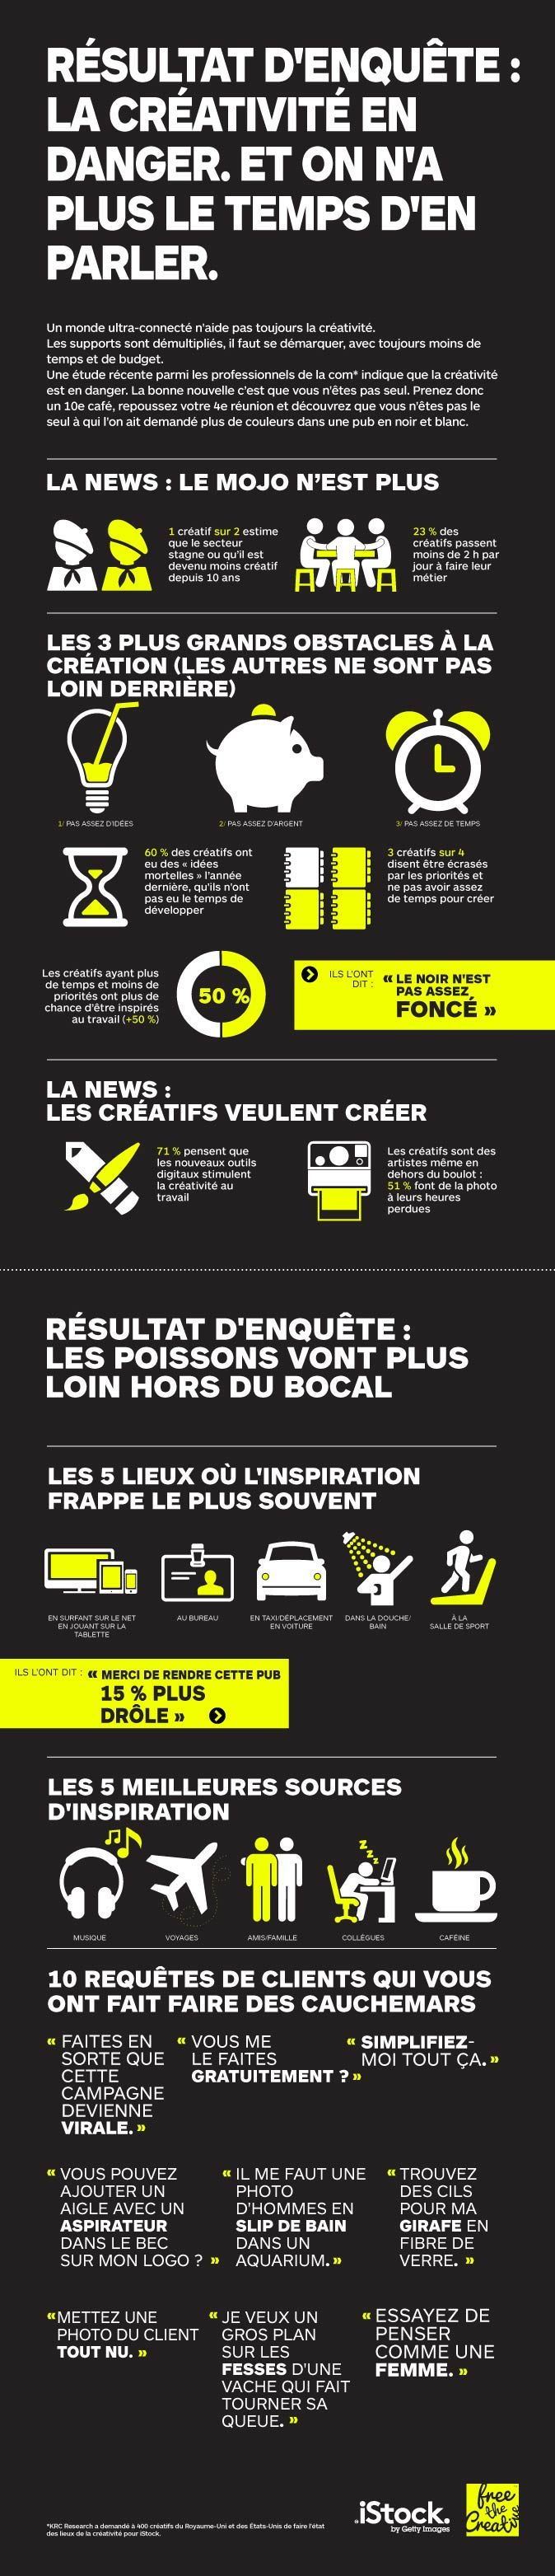 État des lieux de la créativité: l'infographie